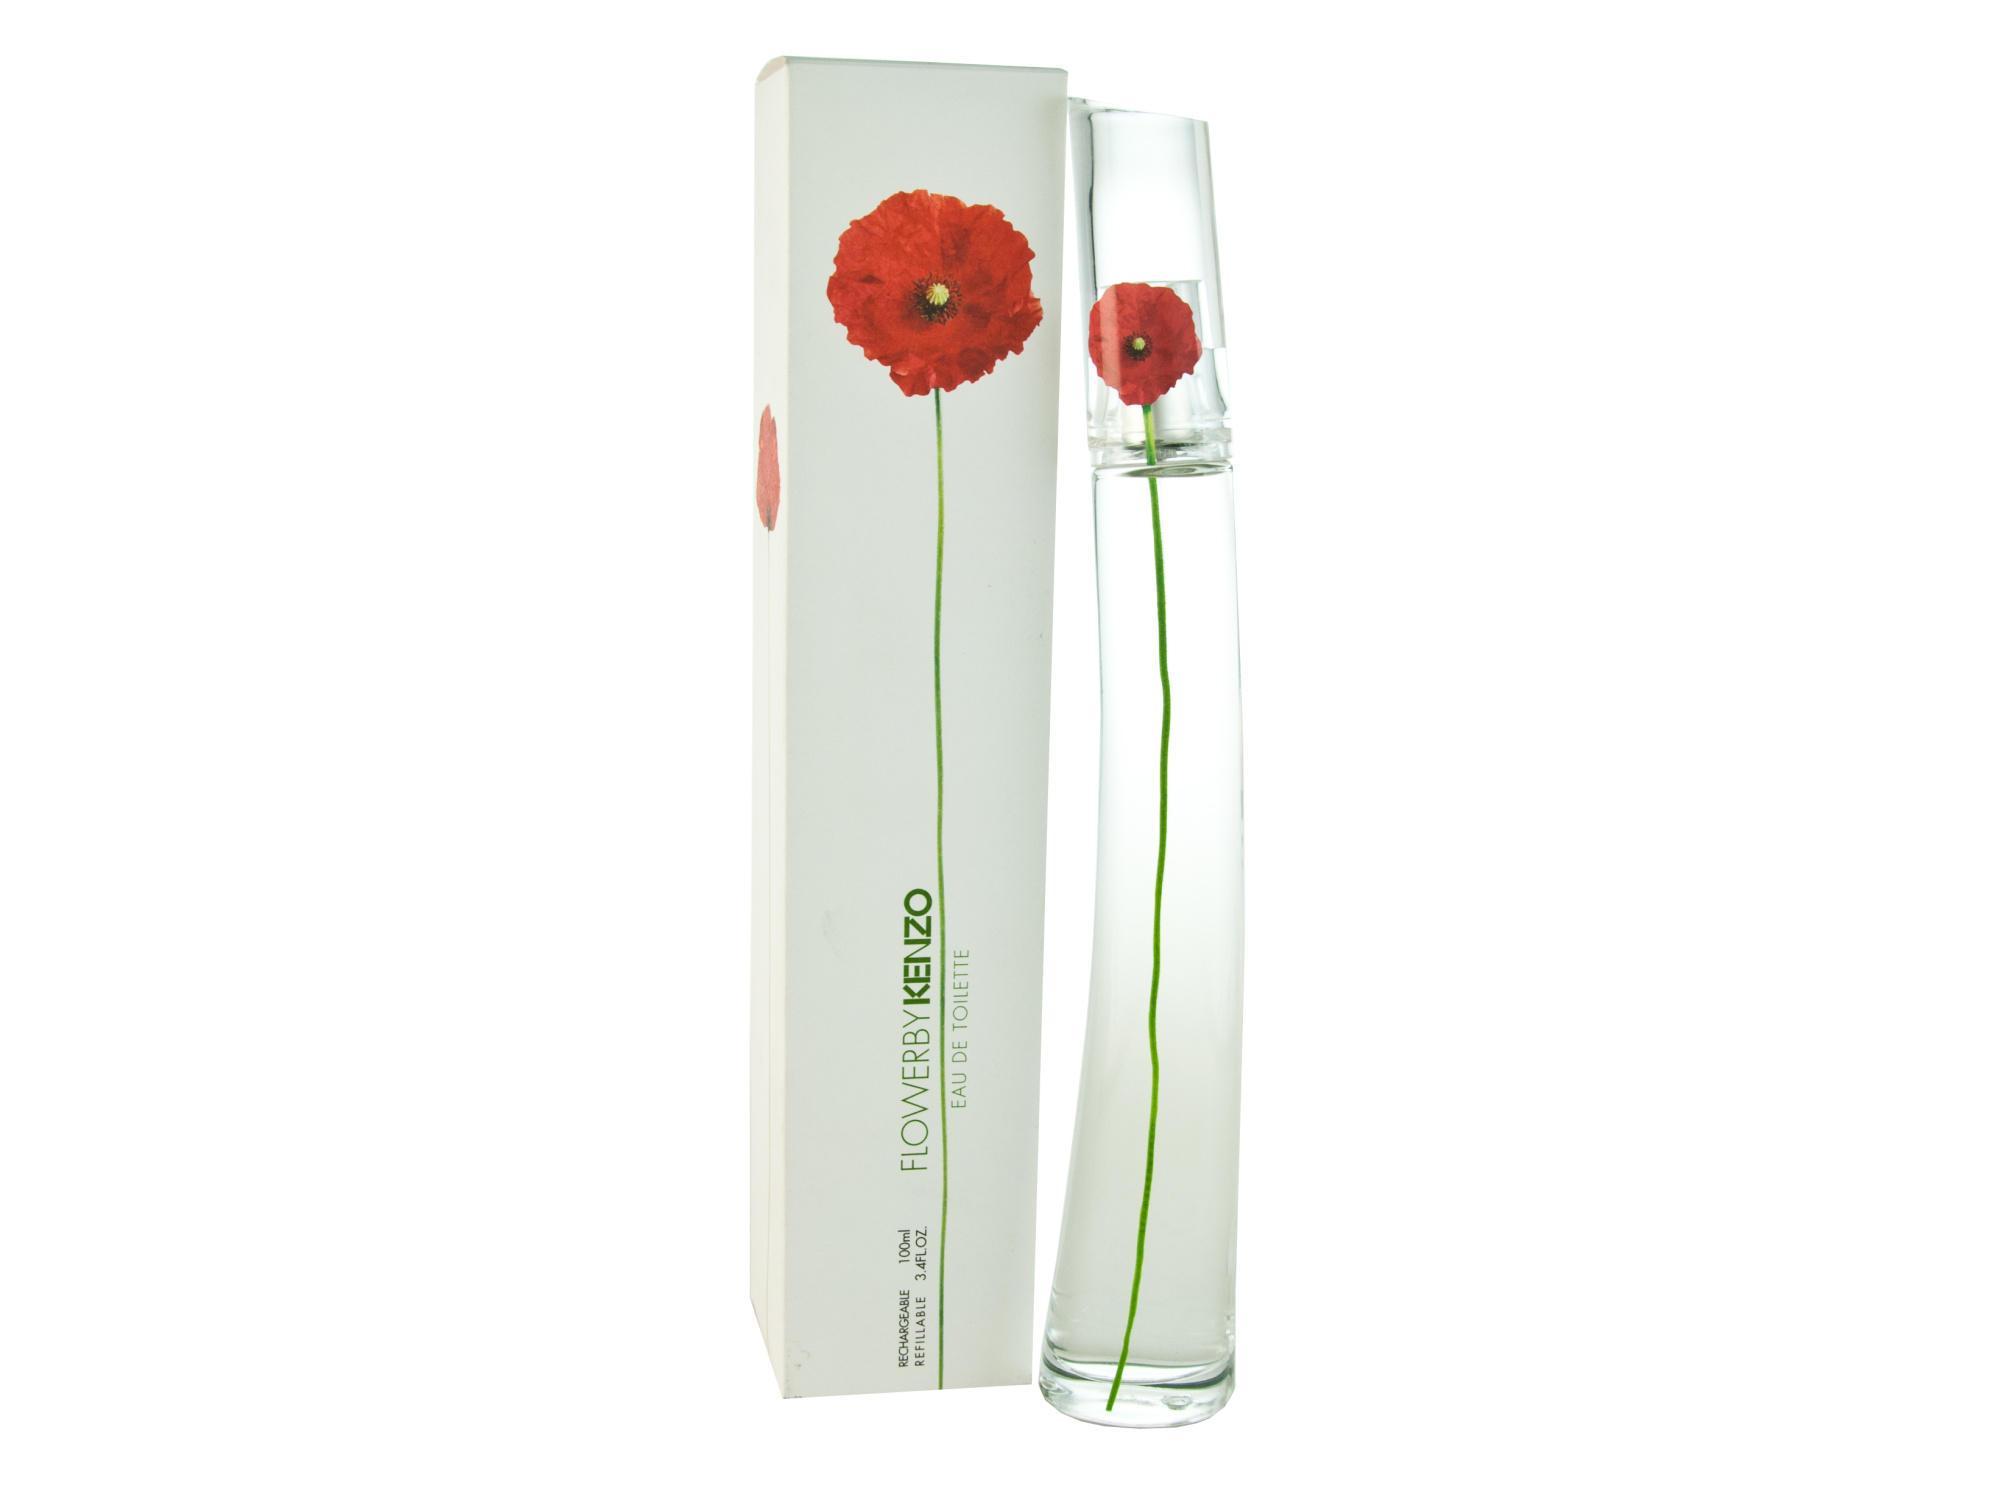 Kenzo Flower Eau De Toilette Refillable Spray